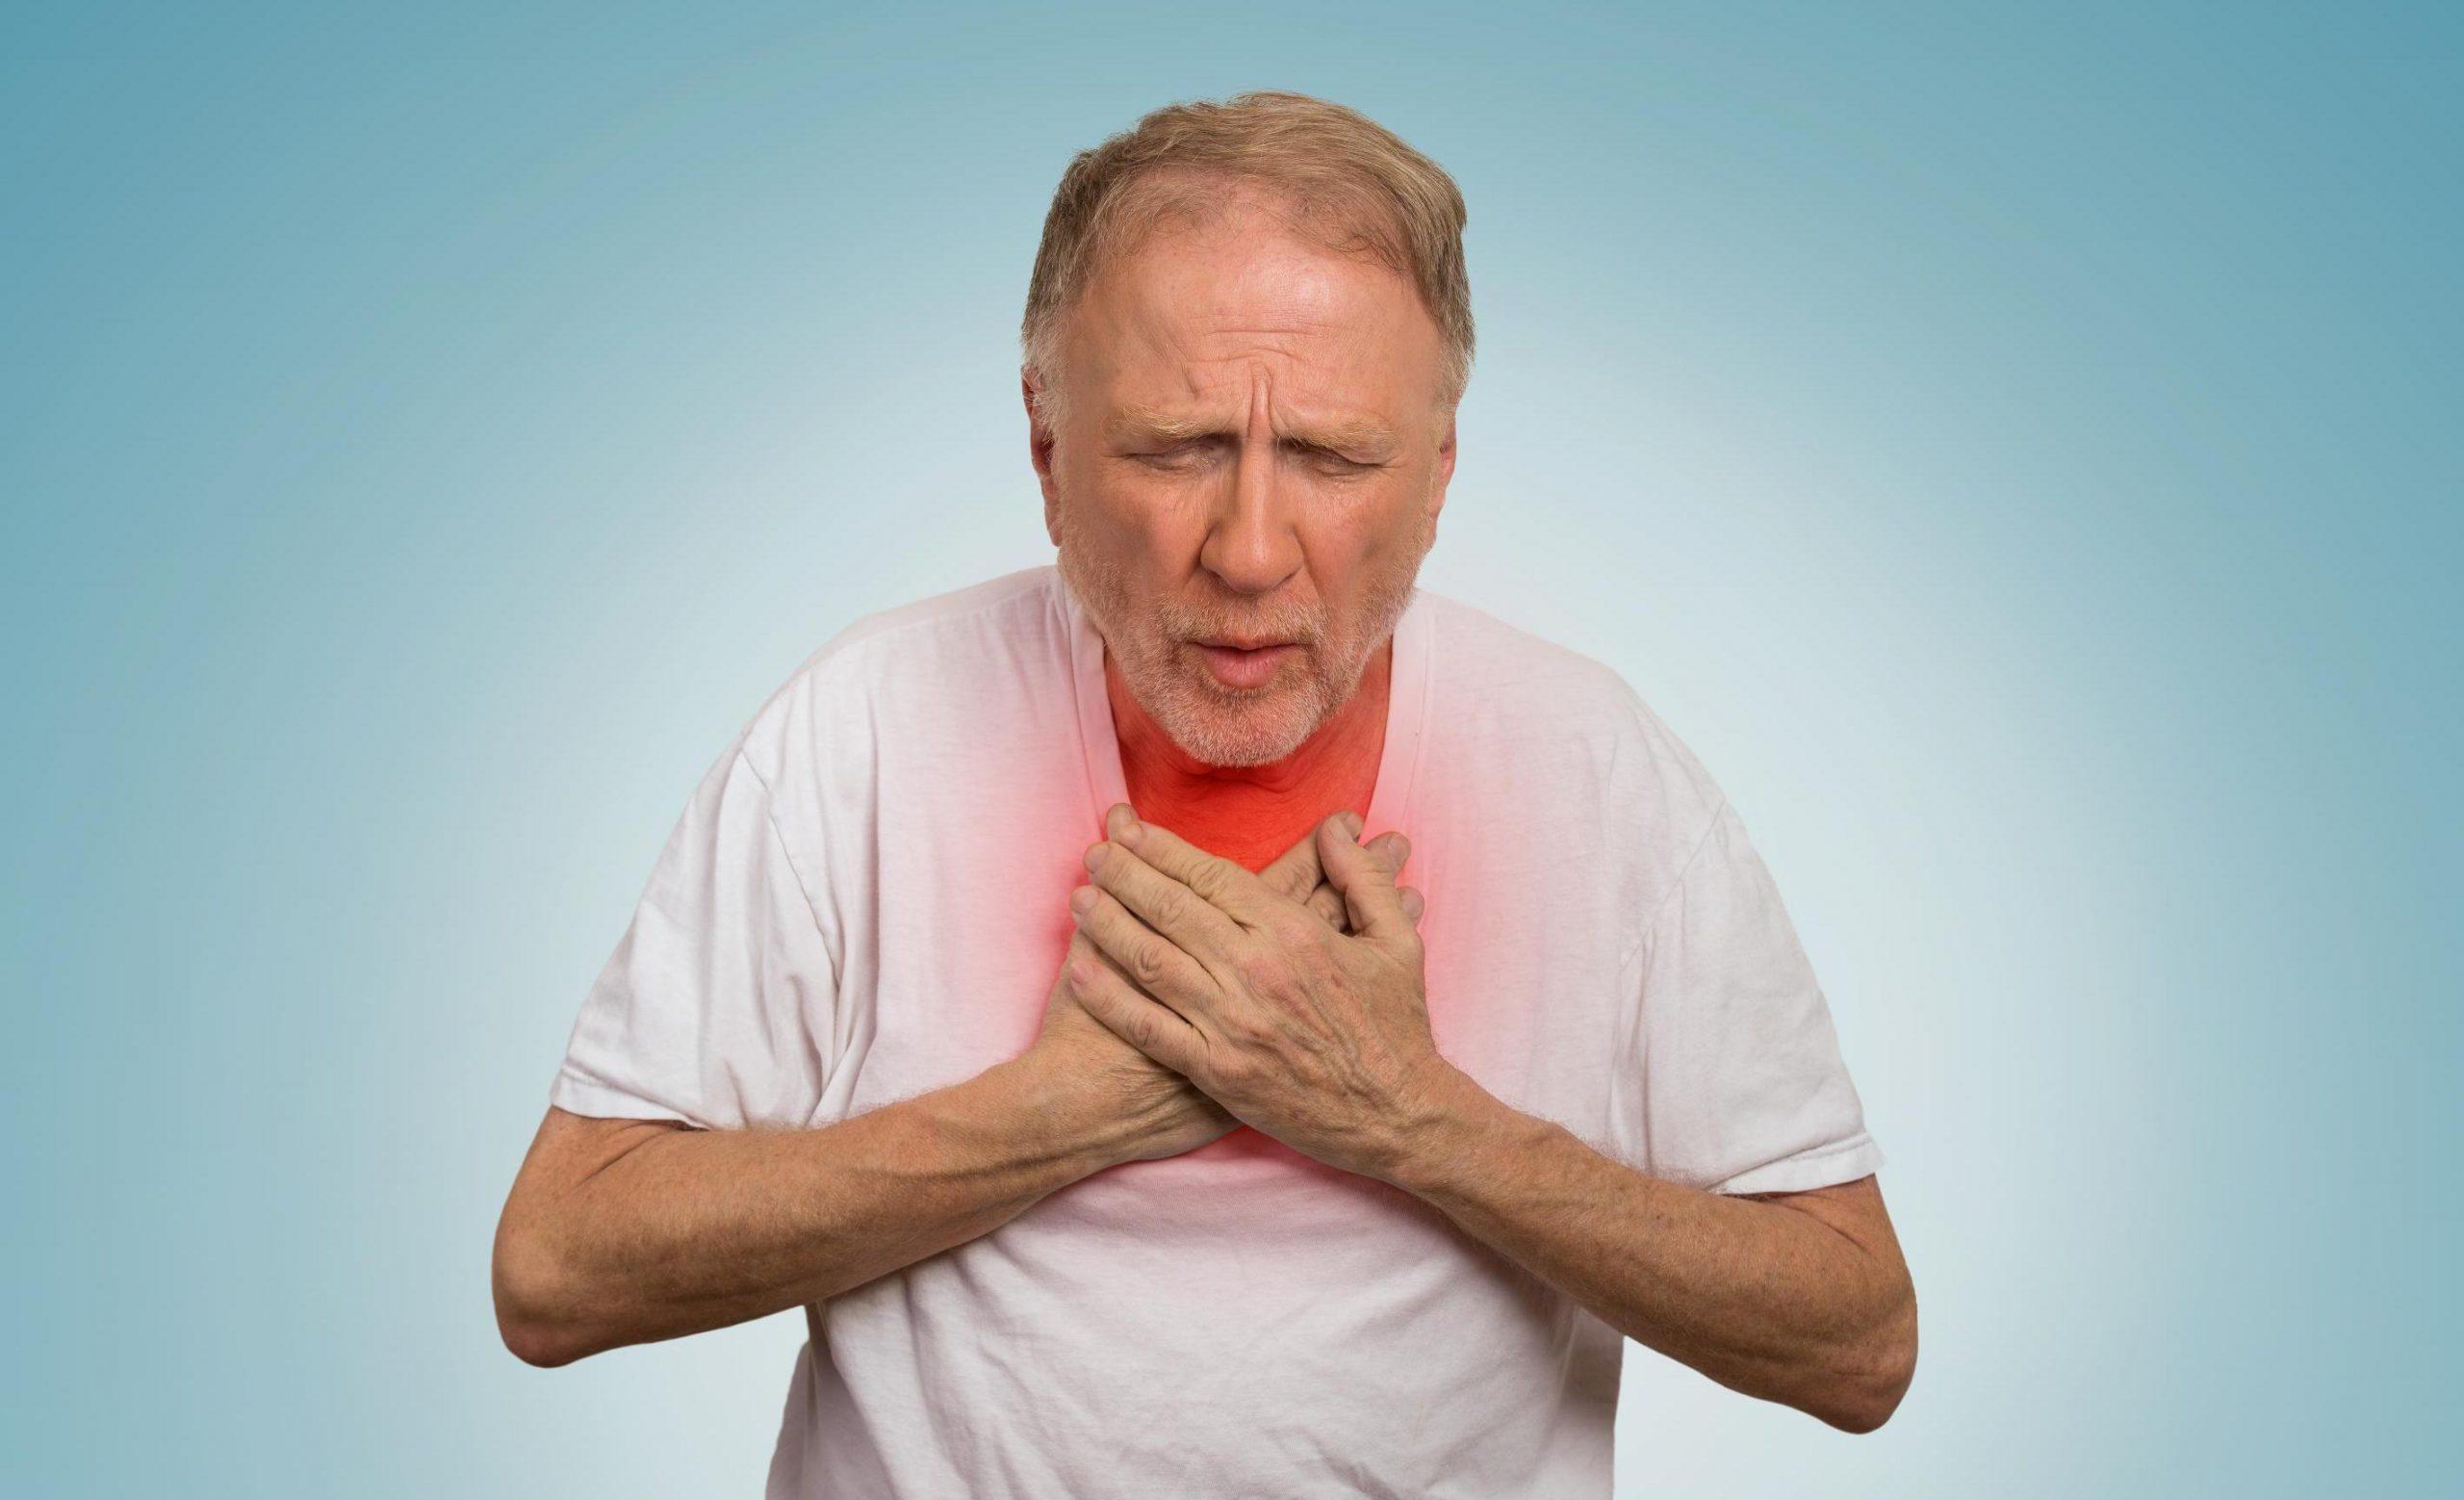 Иммунолог рассказал, при каких симптомах COVID-19 нужно вызывать скорую